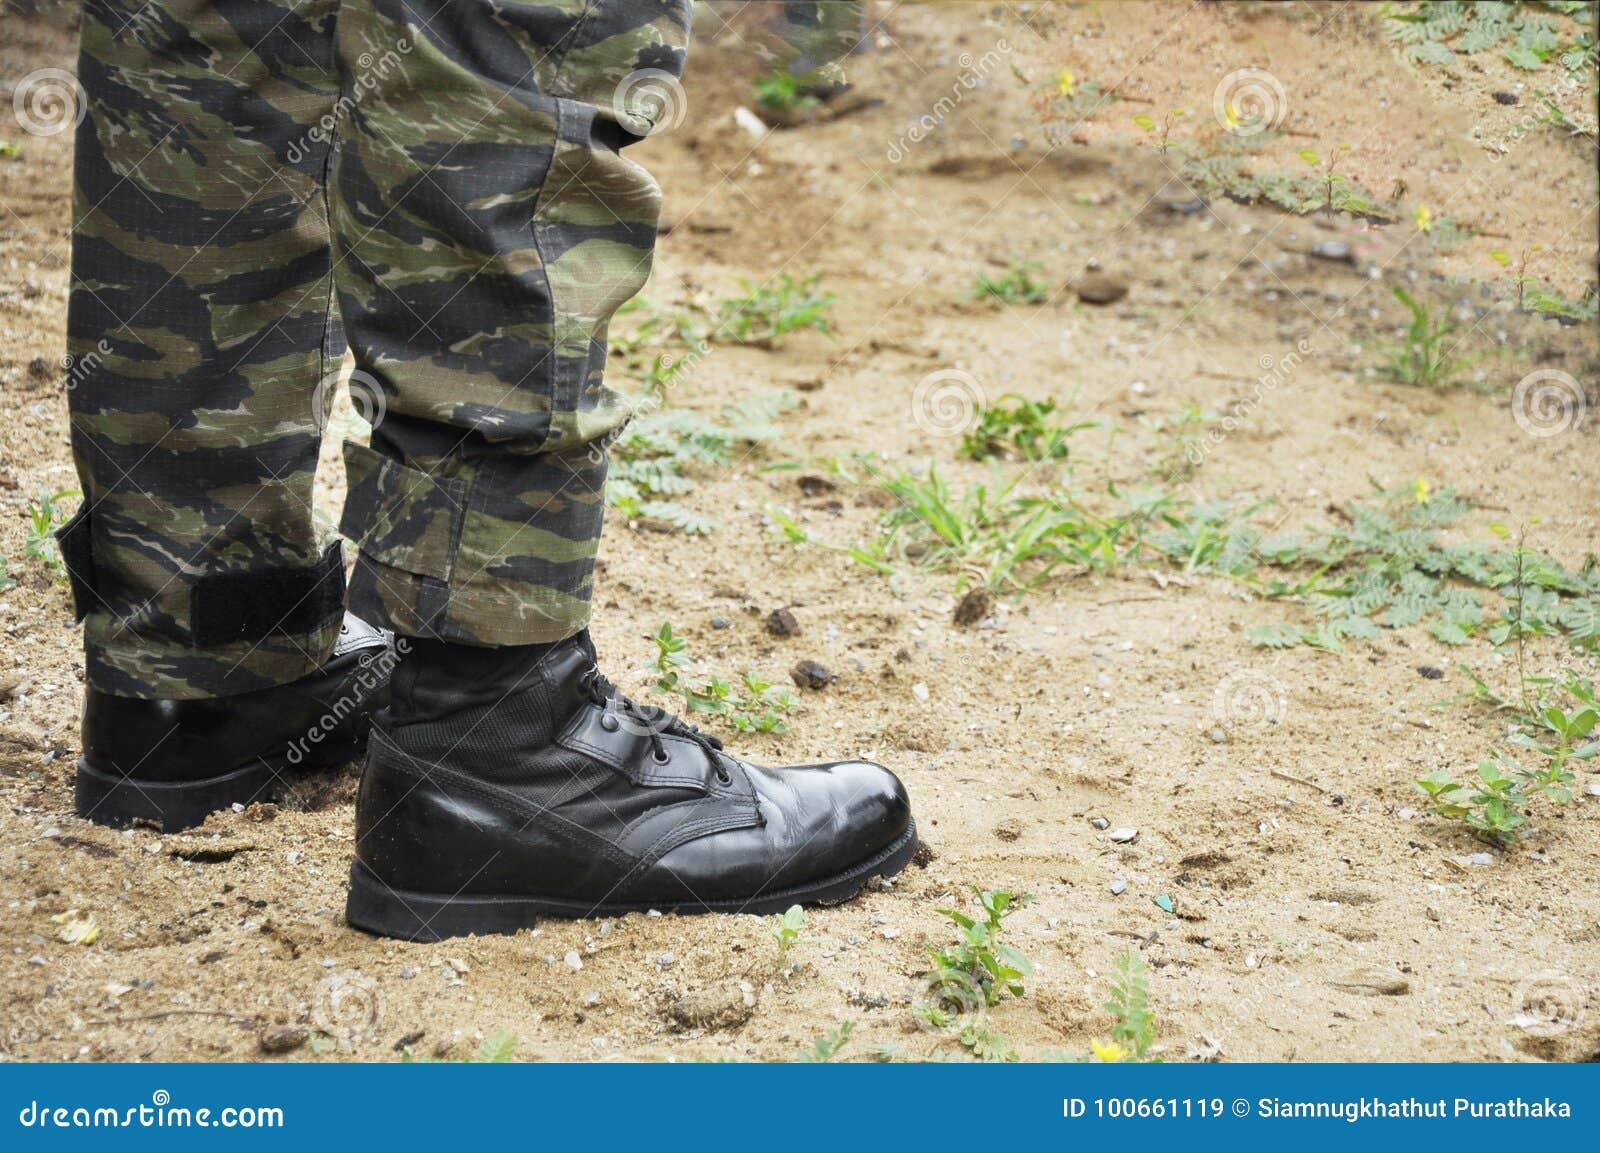 Militairslijtage Militaire Van Op LegerDe Zich Die Camouflage bym7vfg6IY